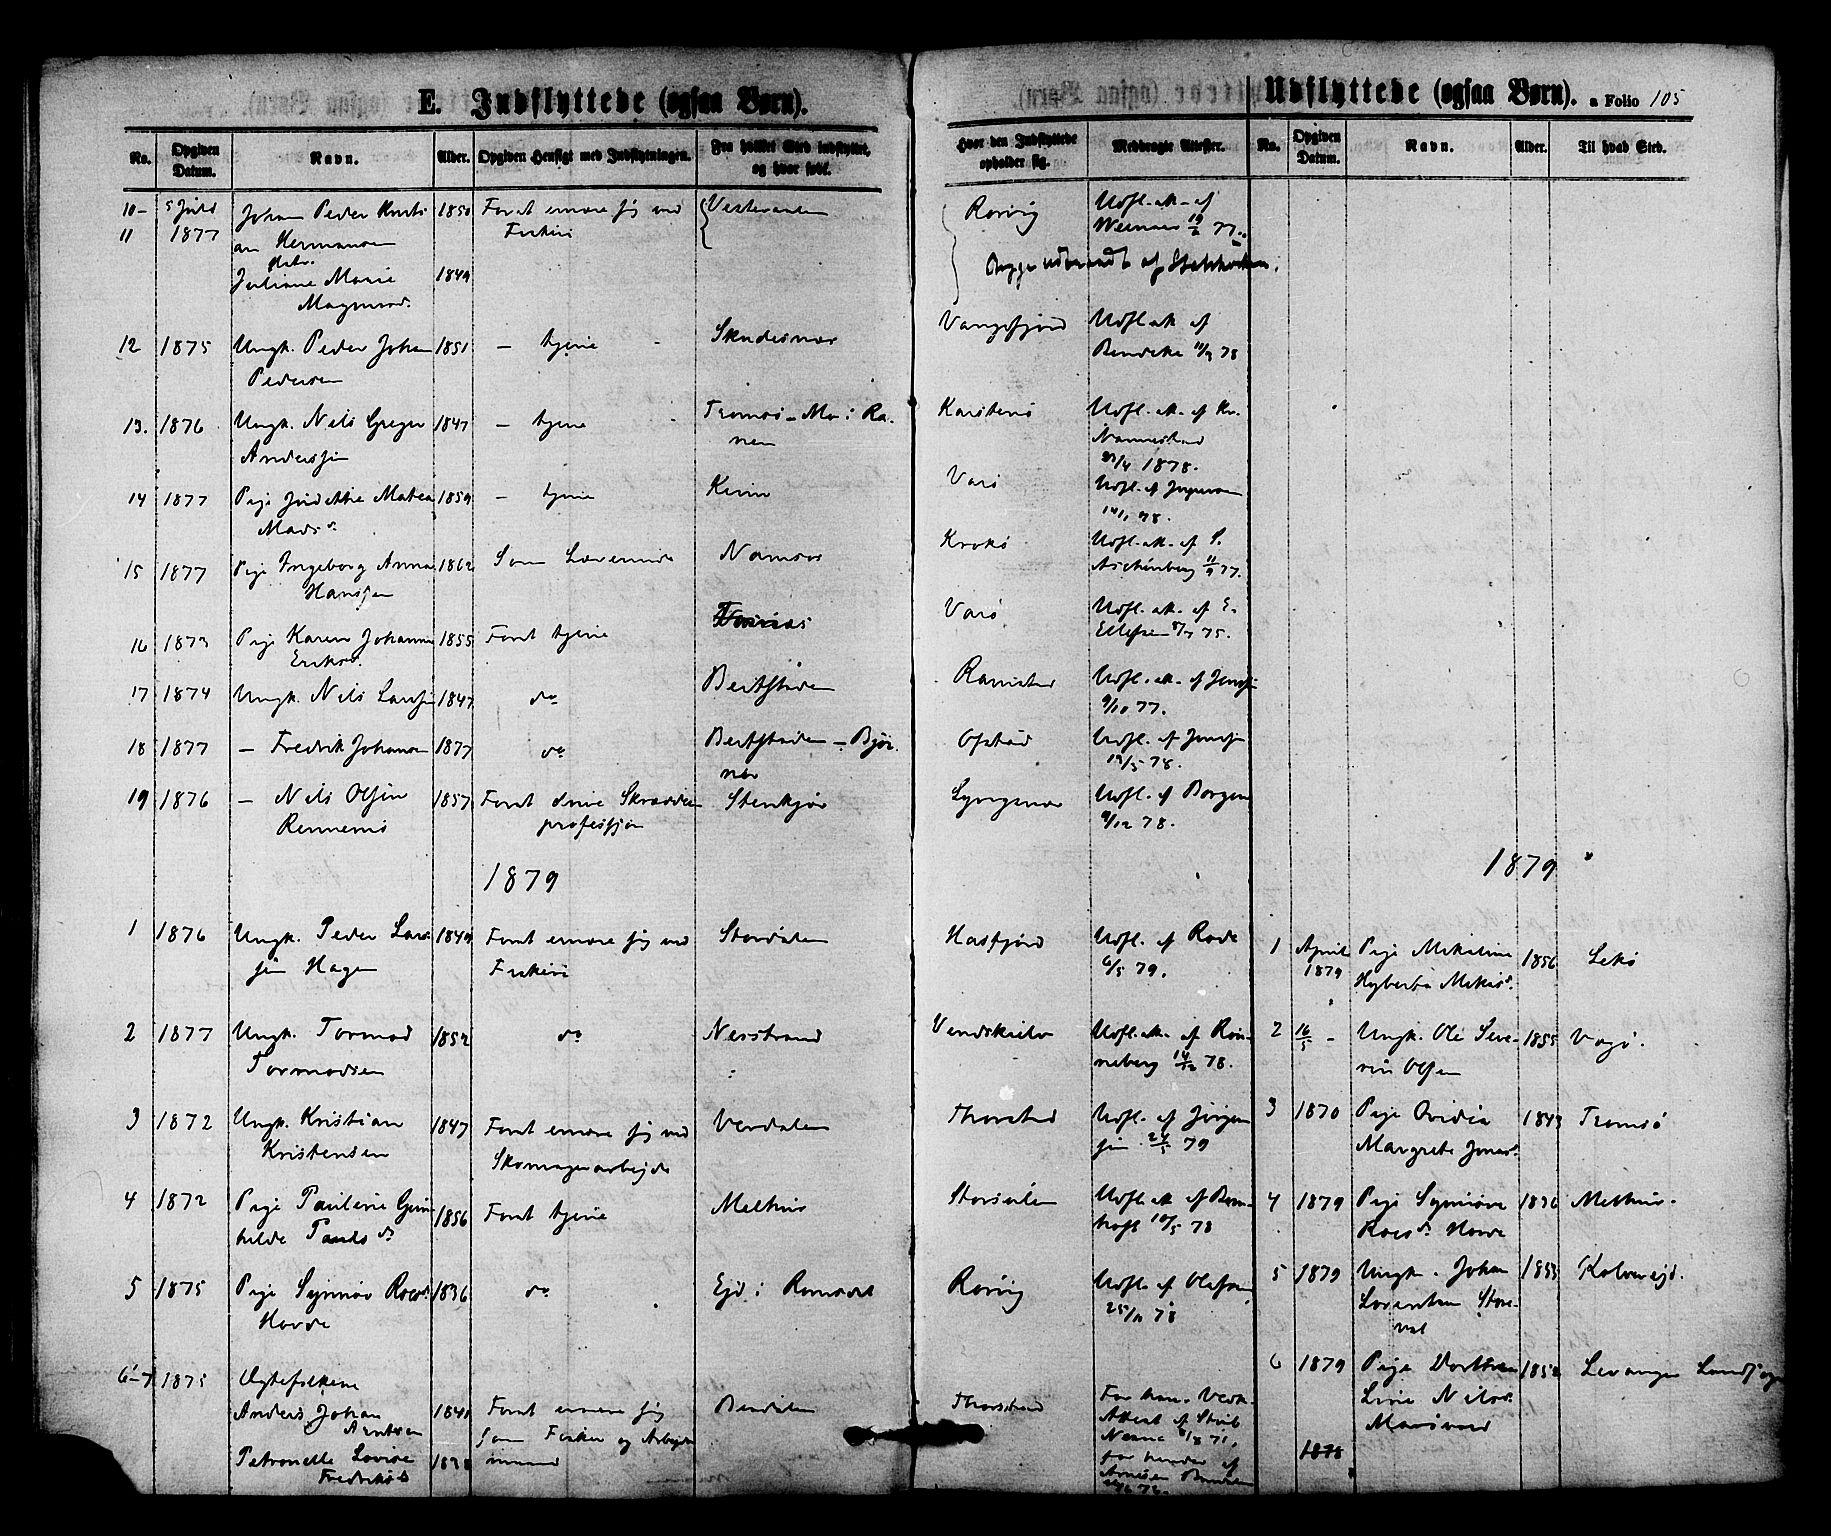 SAT, Ministerialprotokoller, klokkerbøker og fødselsregistre - Nord-Trøndelag, 784/L0671: Ministerialbok nr. 784A06, 1876-1879, s. 105